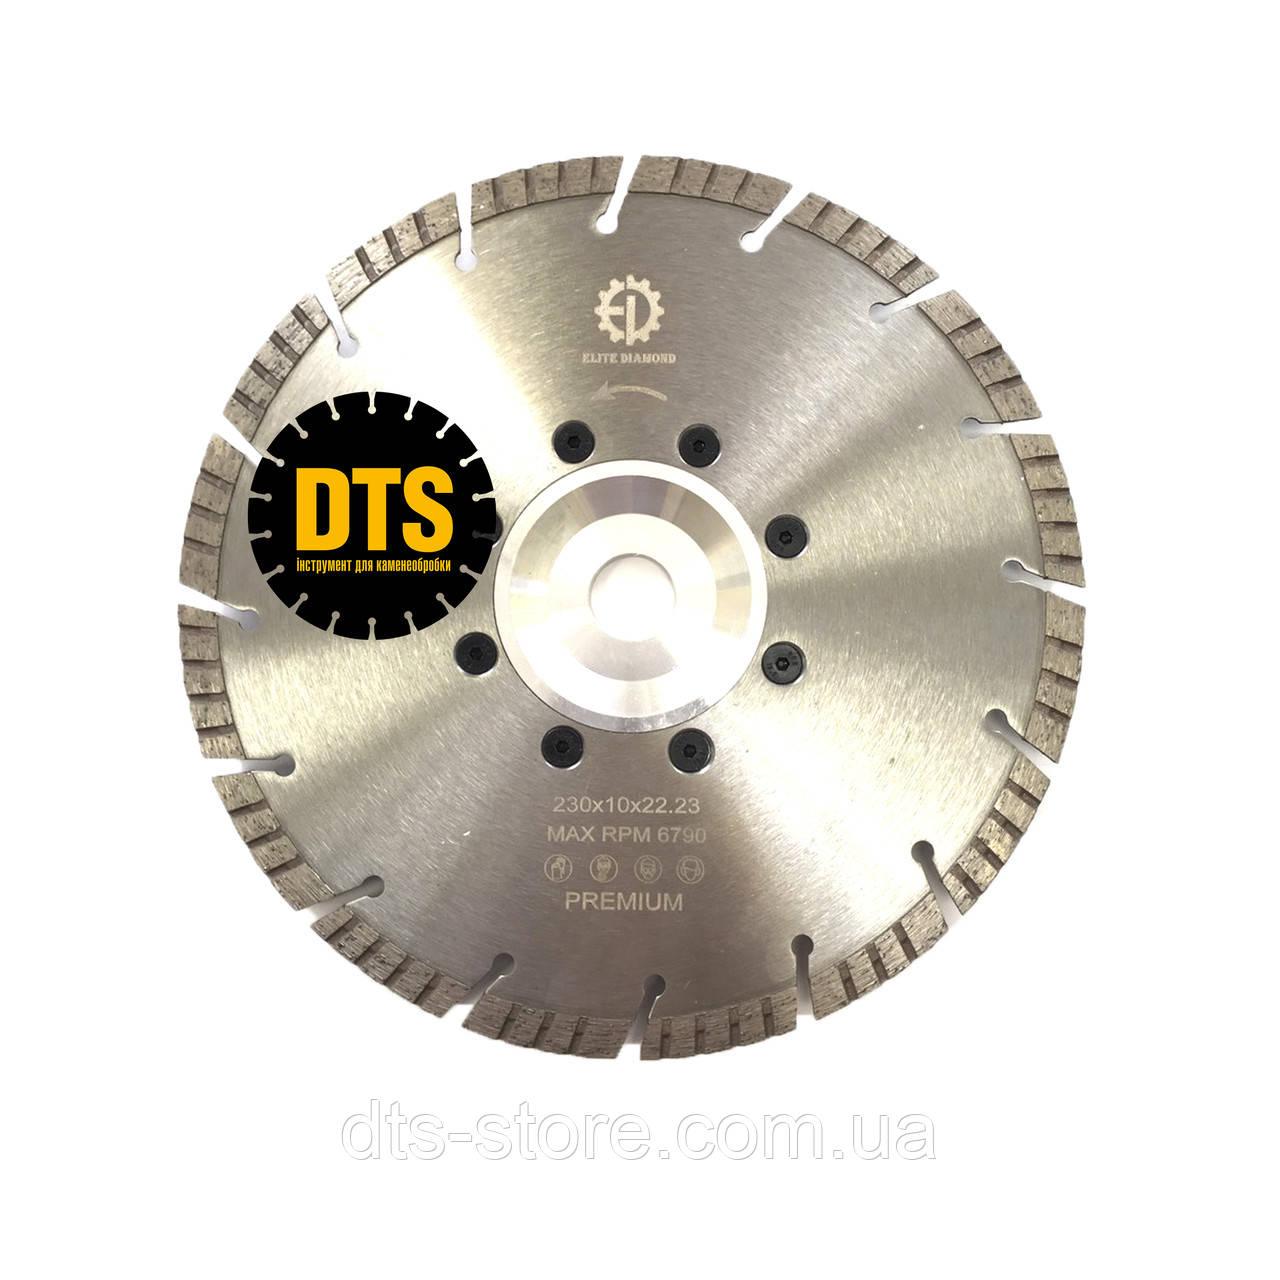 Отрезной диск Elite Diamond турбо-сегментный Ø230*22,23 мм